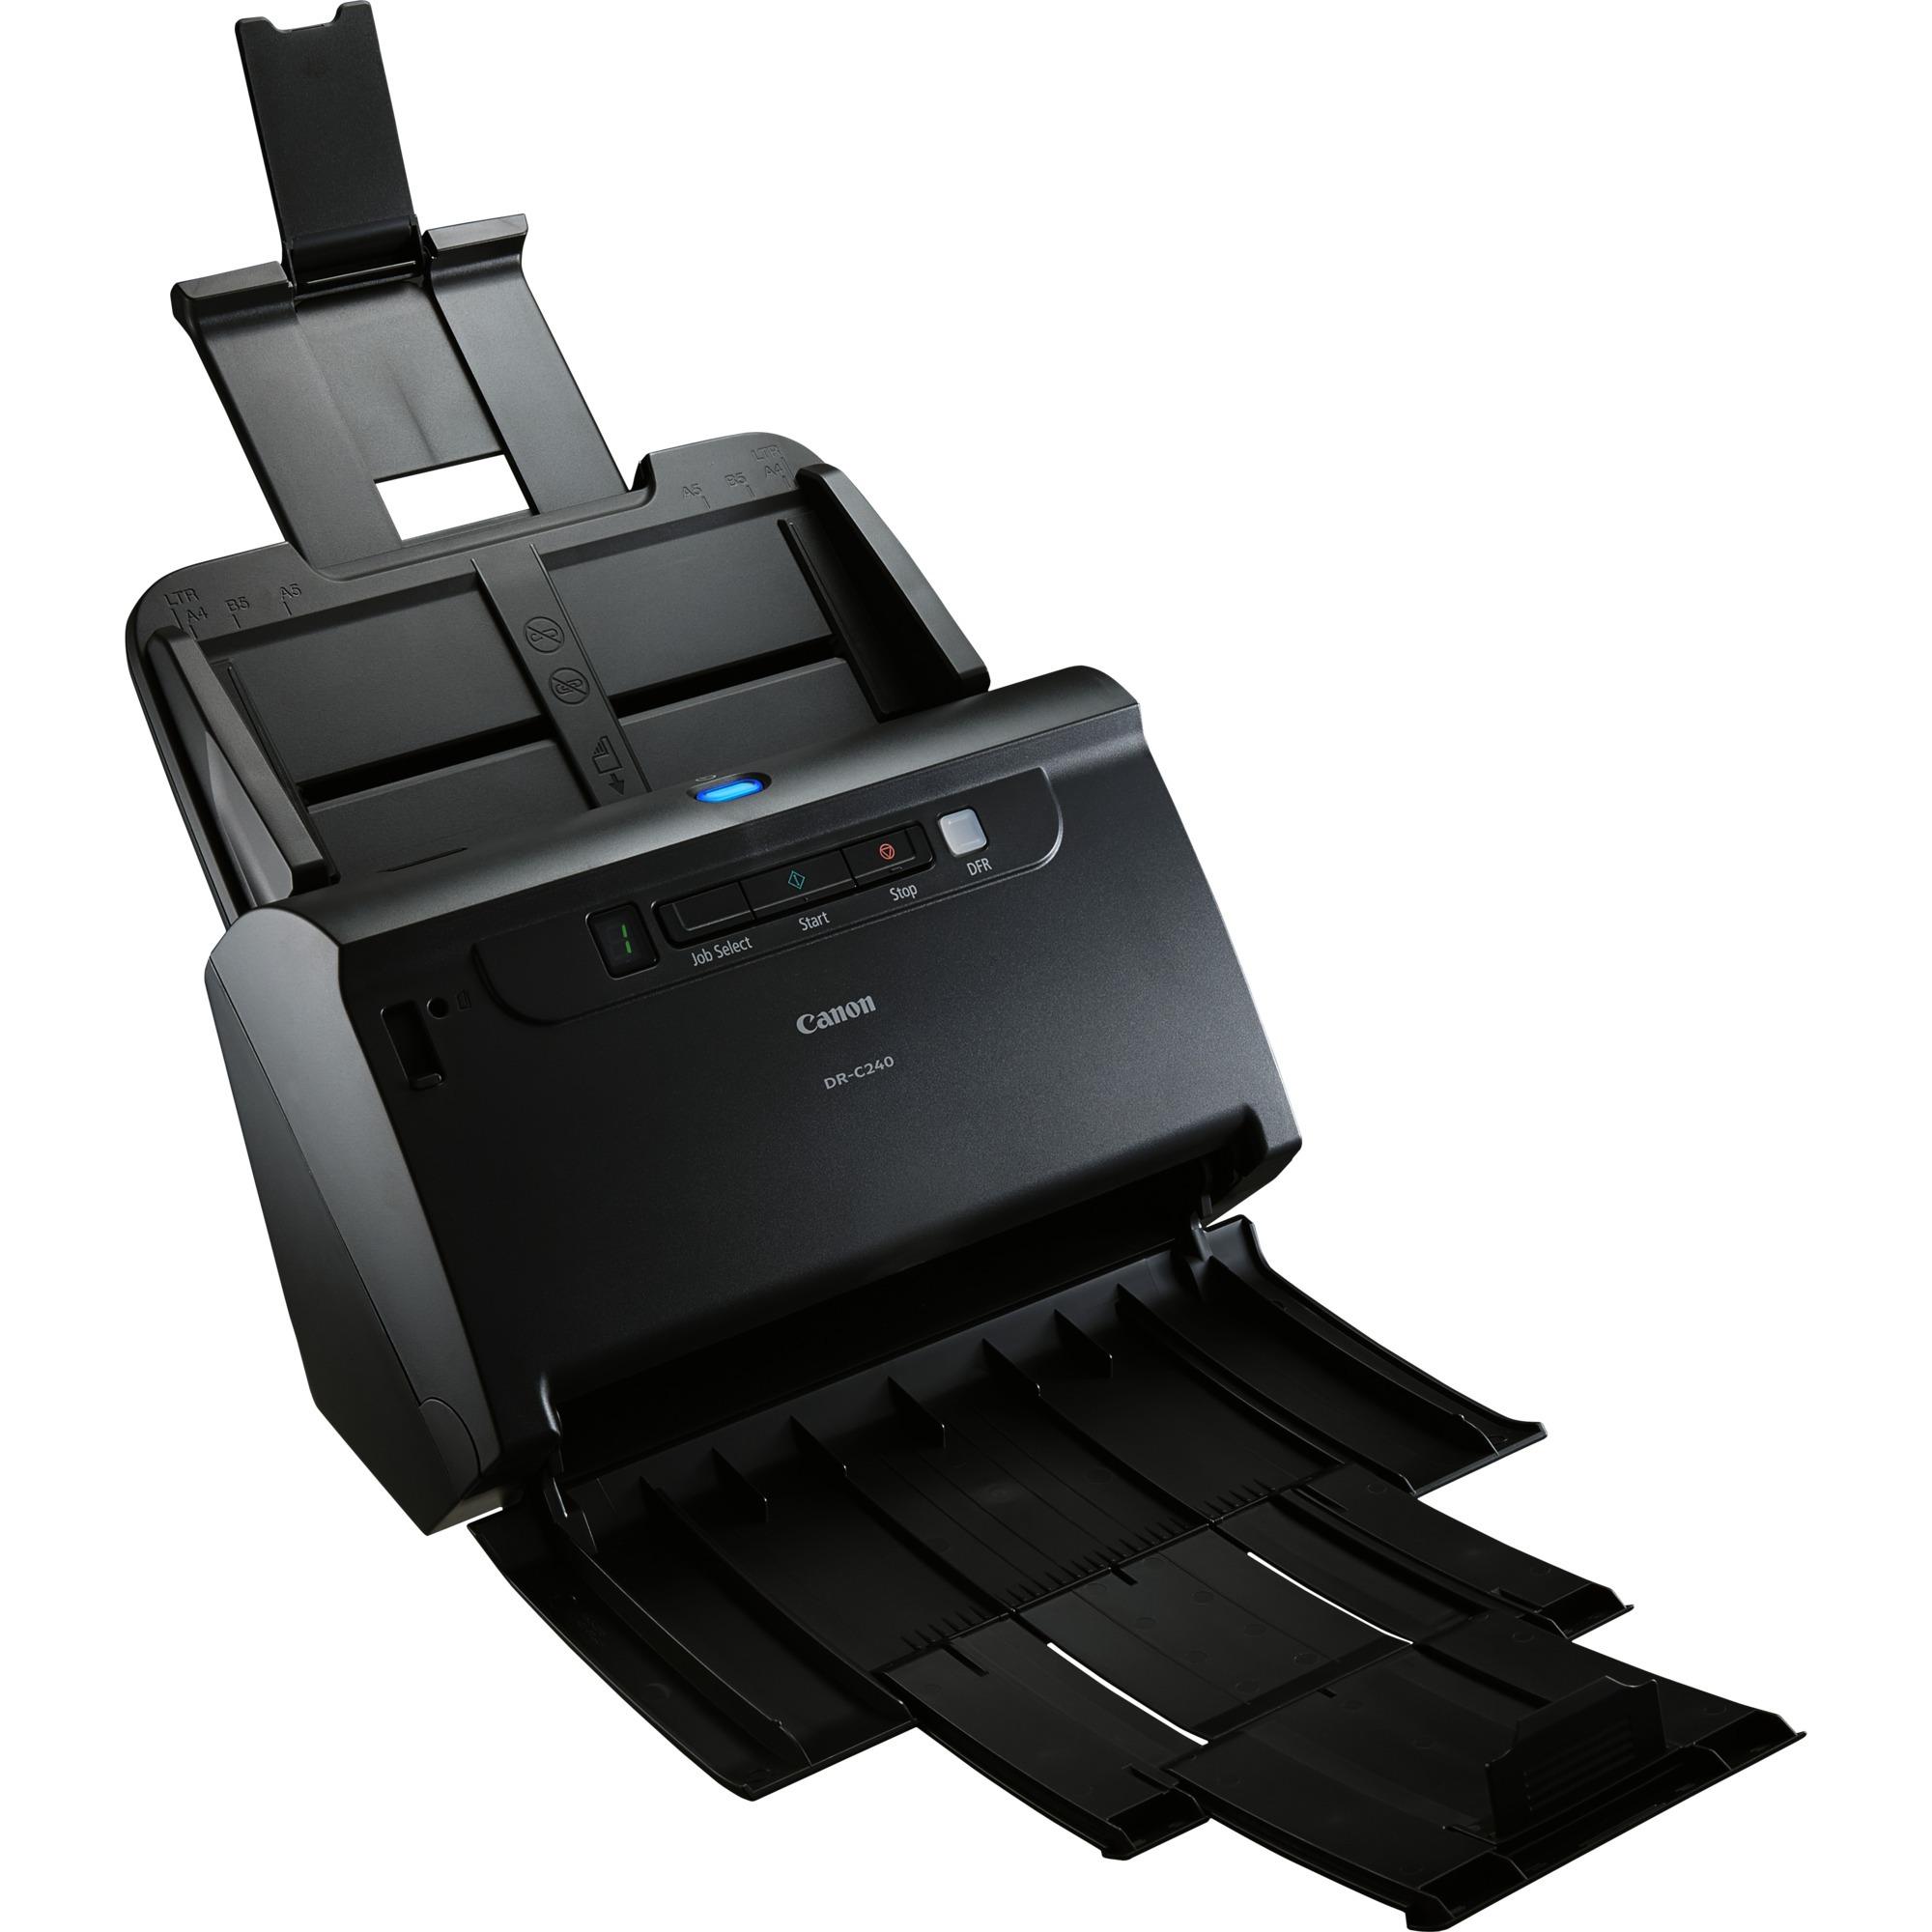 dr-c240-scanner